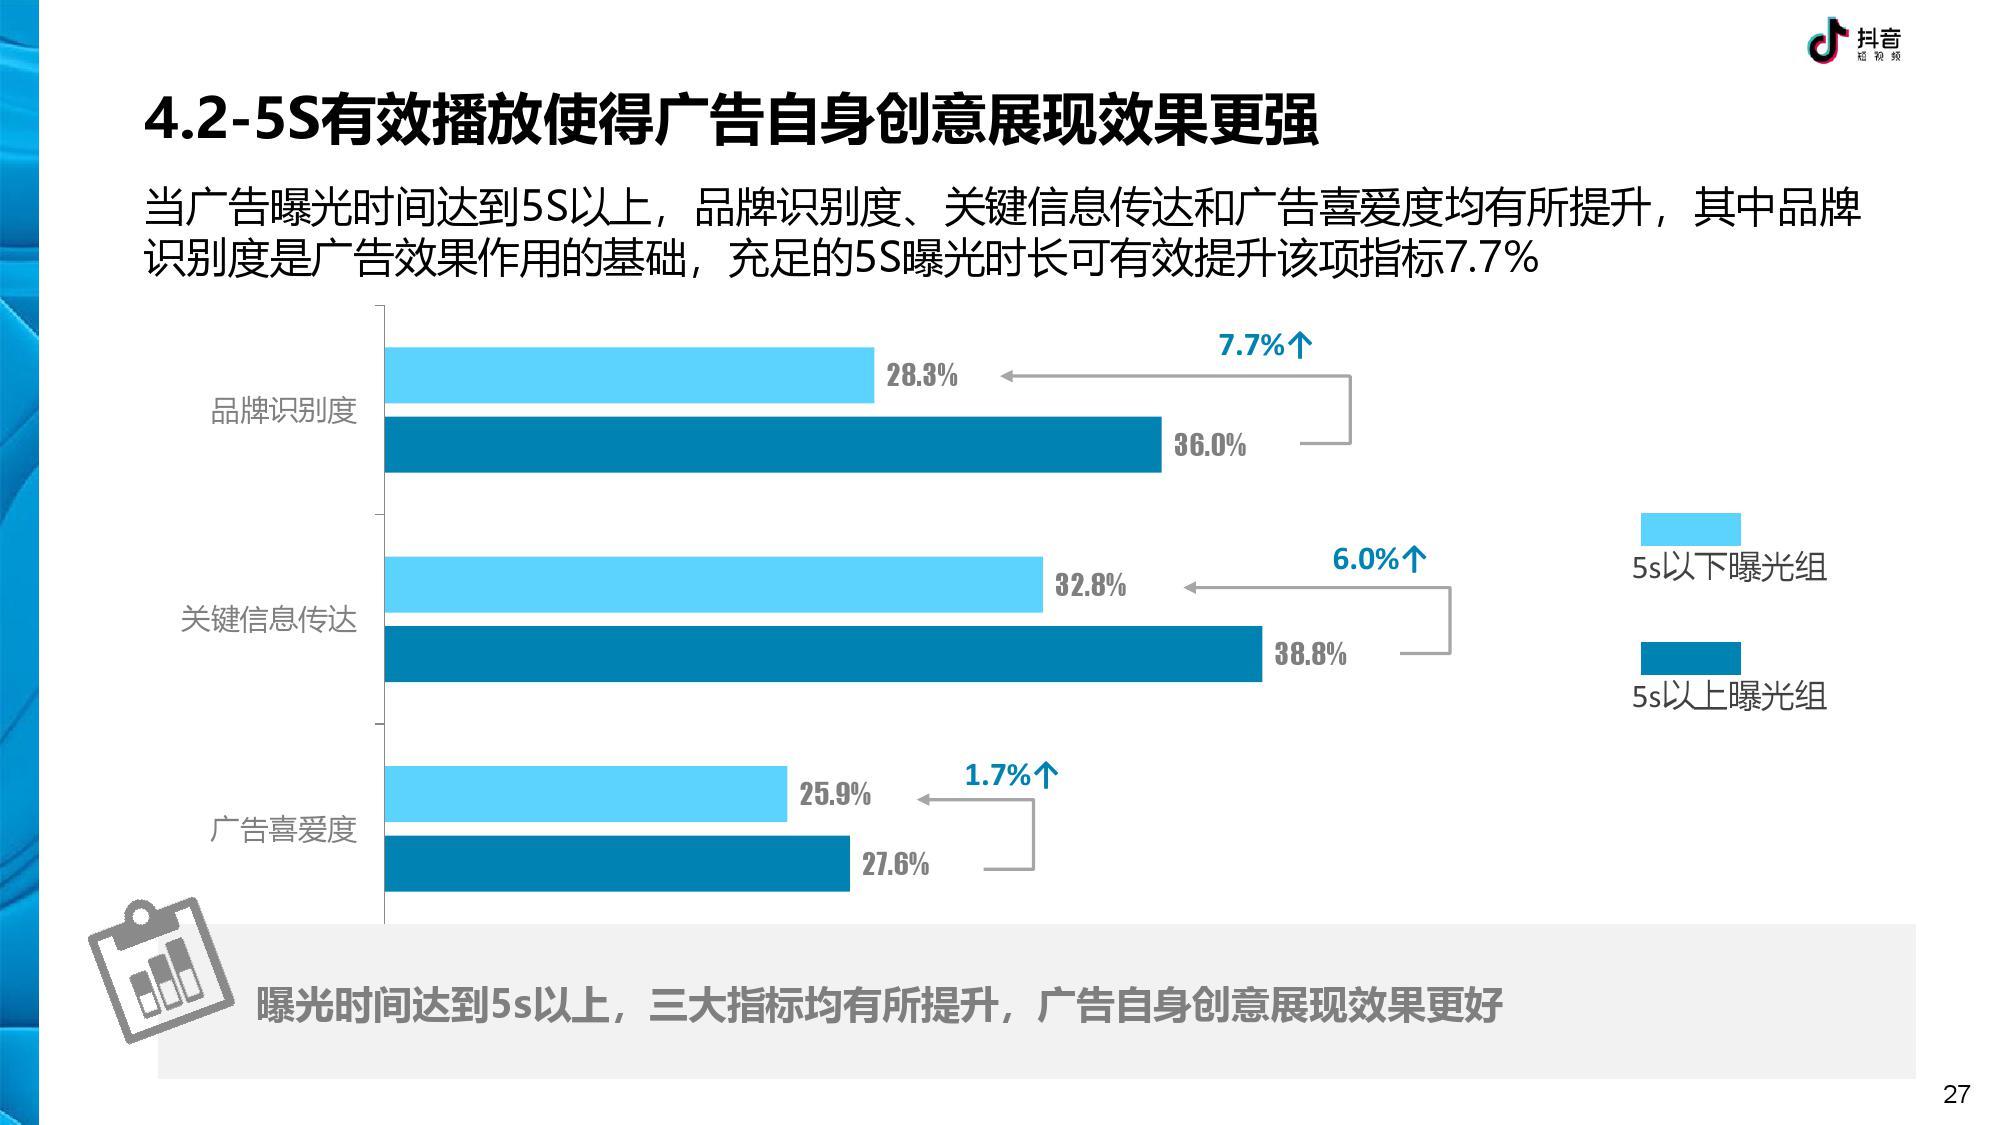 抖音 DTV 广告营销价值白皮书-CNMOAD 中文移动营销资讯 27